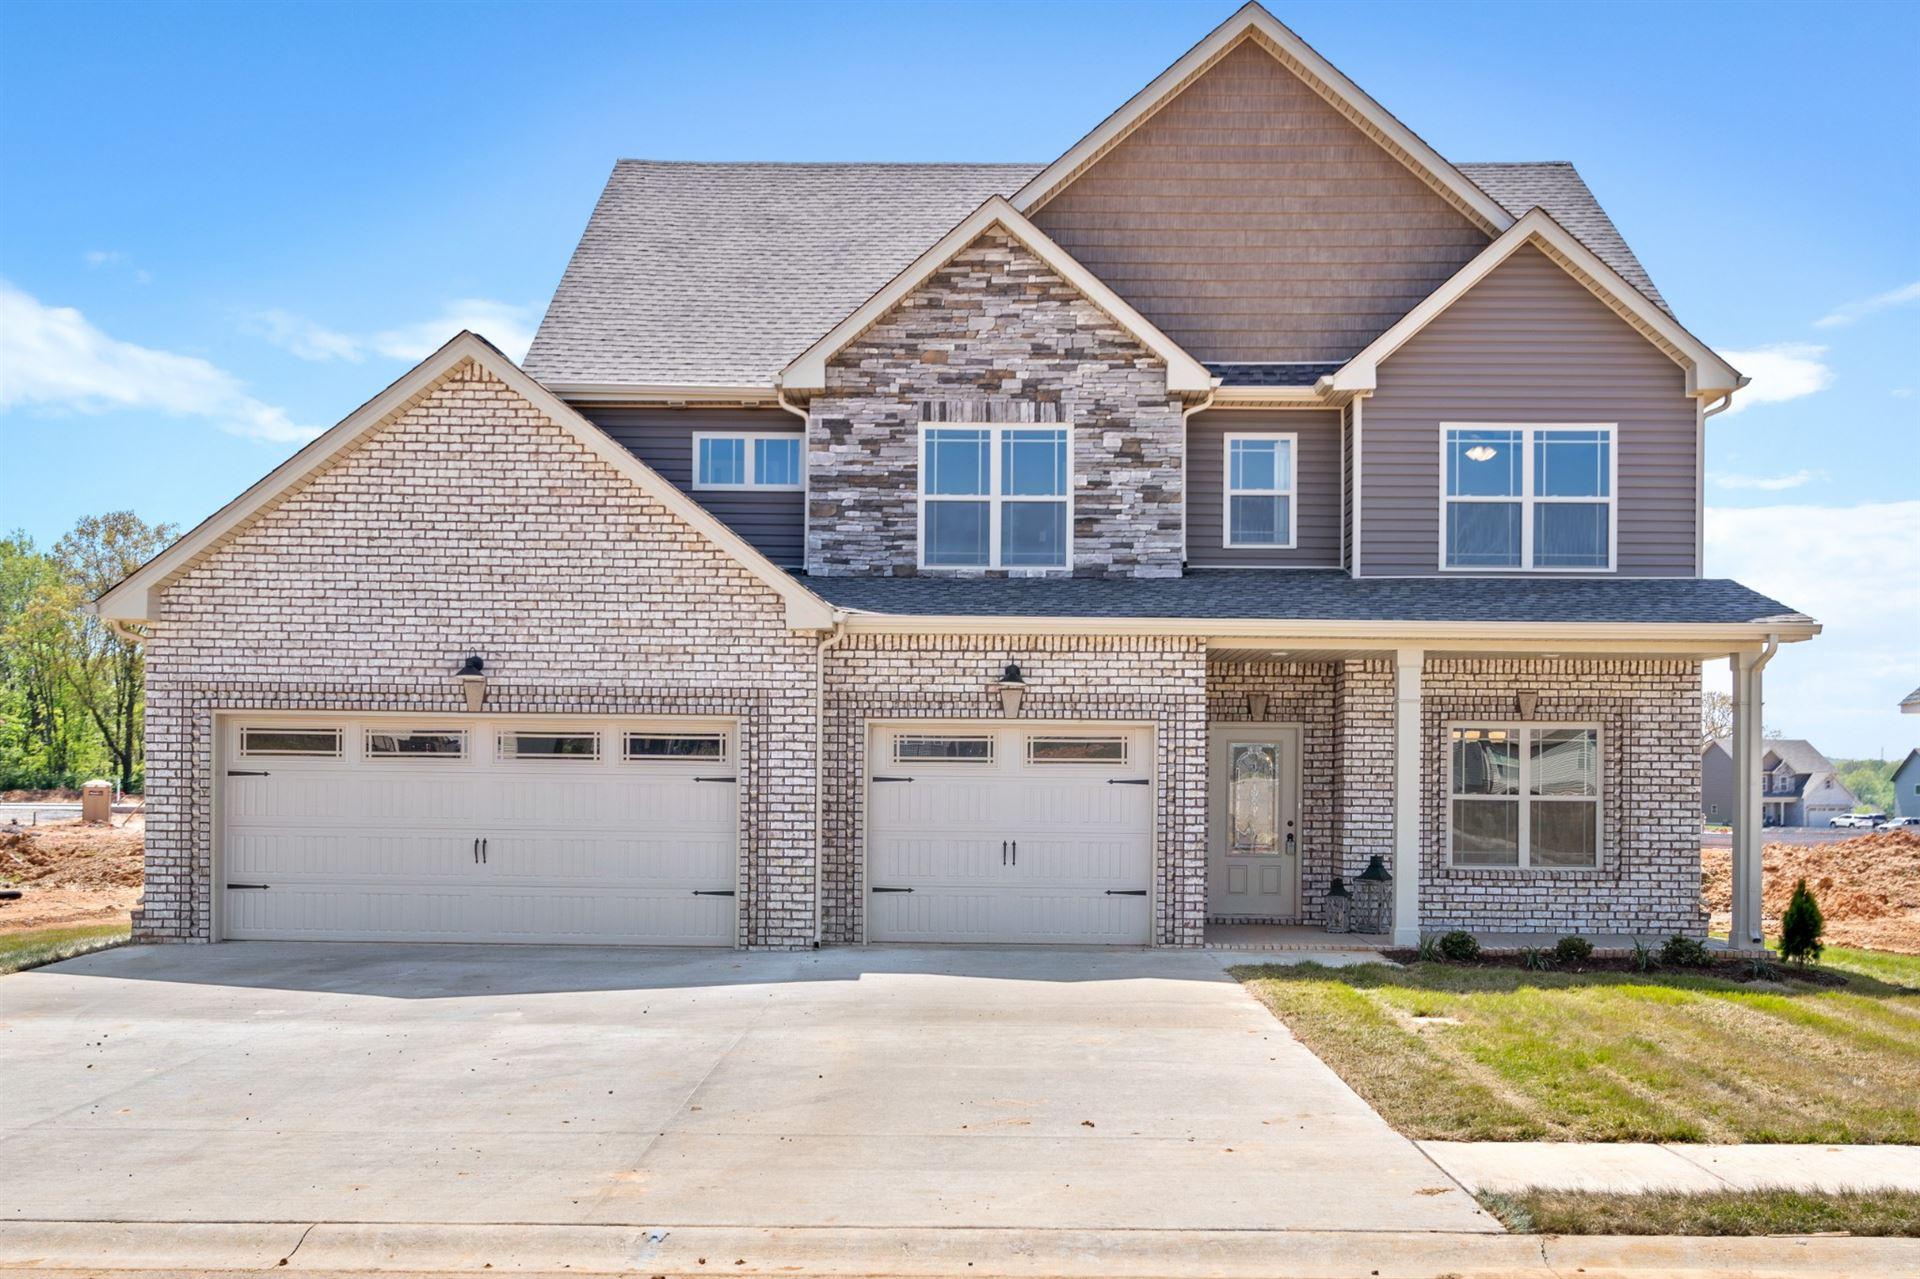 690 Farmington, Clarksville, TN 37043 - MLS#: 2248907